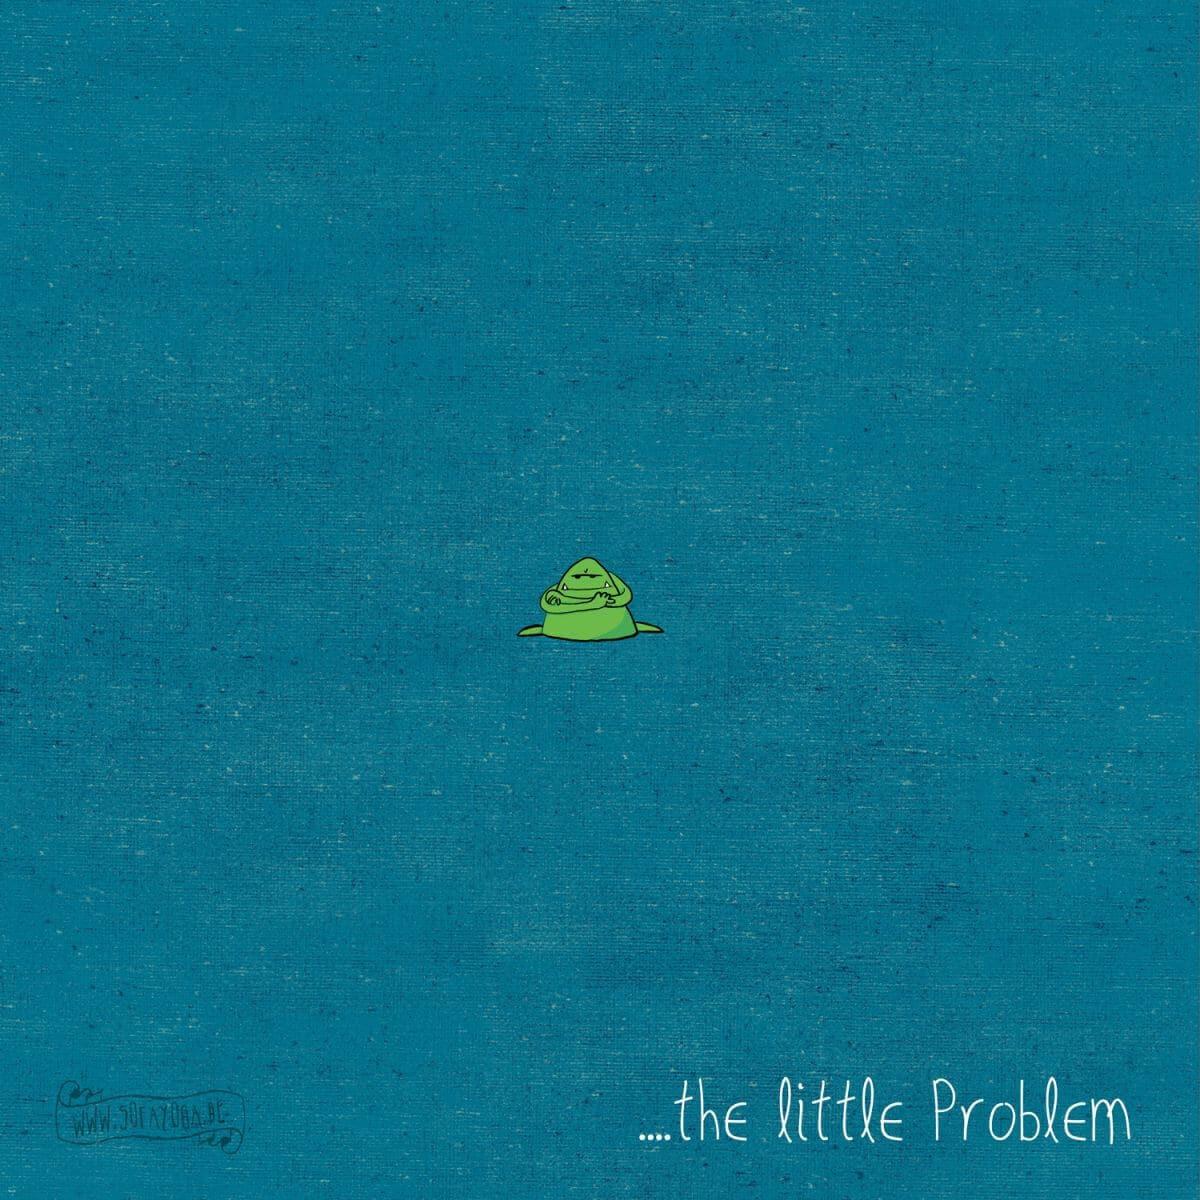 das kleine Problem